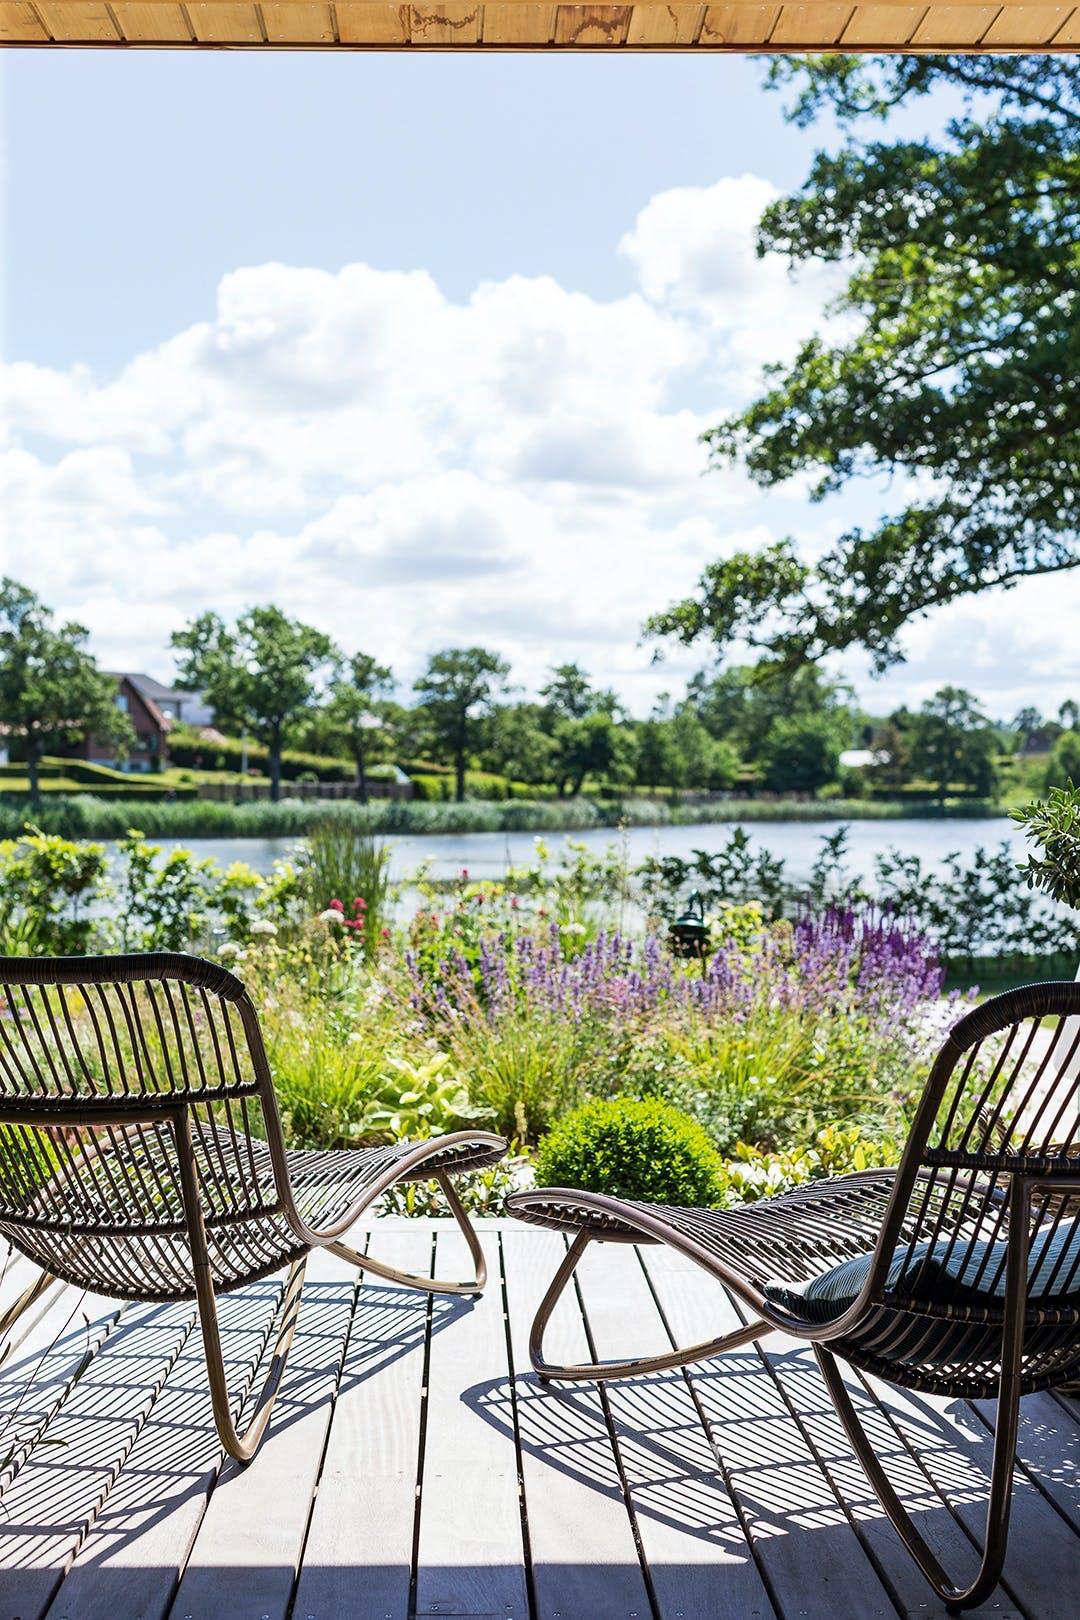 terasse udsigt sø udemøbler stol